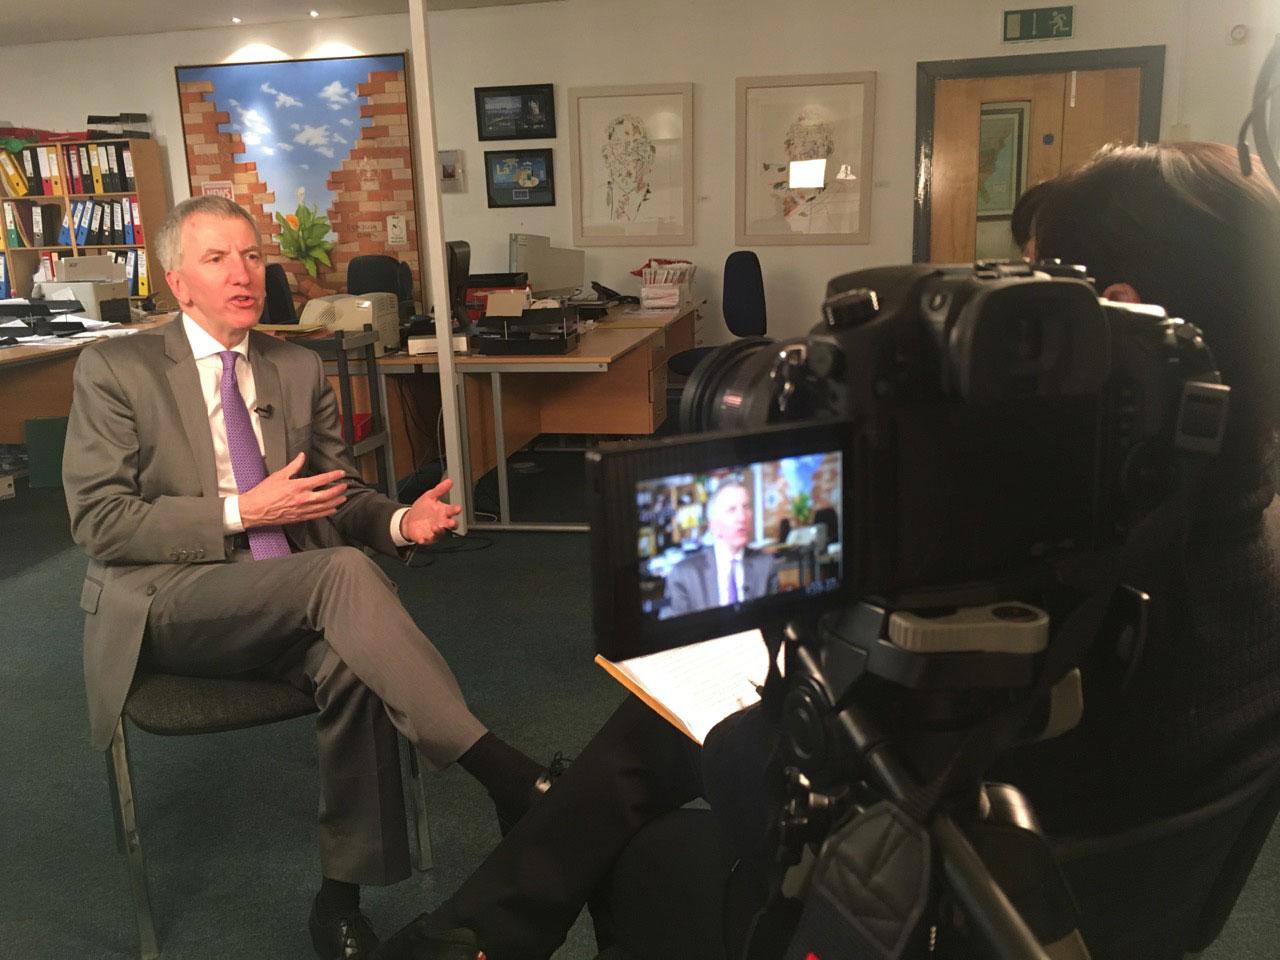 Sinn Fein politician Máirtin Ó Muilleoir discusses expansion of the Irish language in Northern Ireland